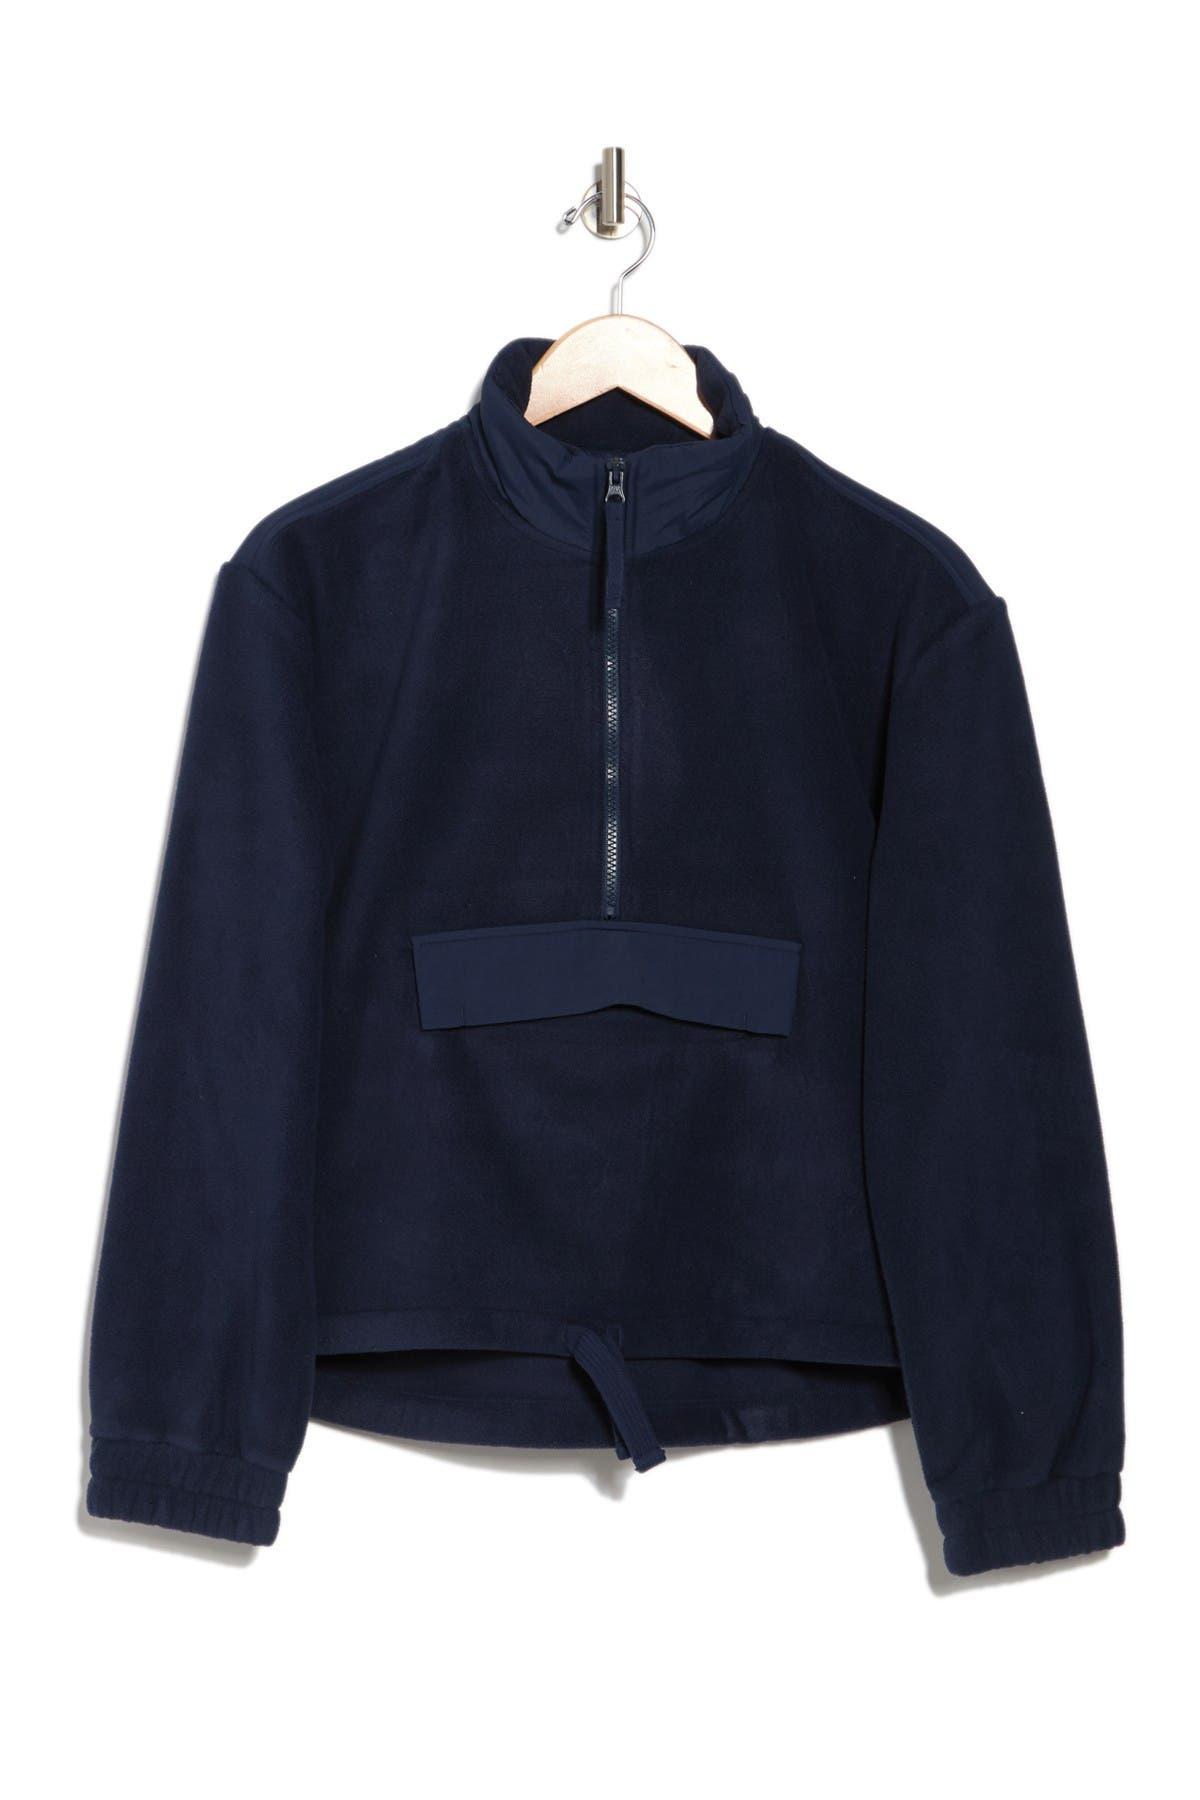 Image of Splendid Cora Half Zip Pullover